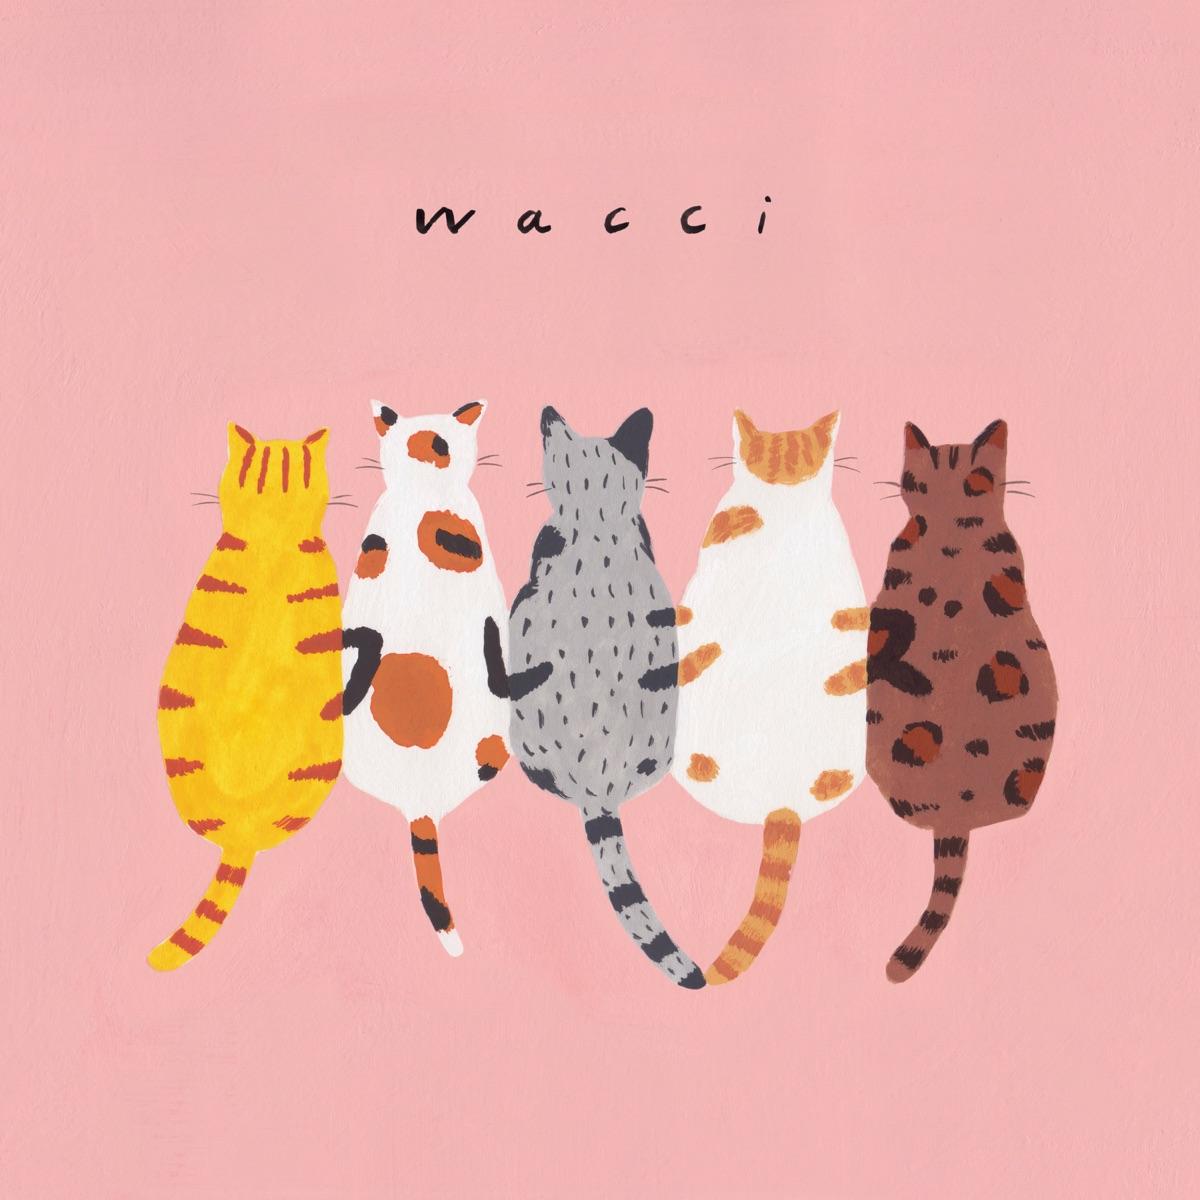 『wacci - フレンズ』収録の『フレンズ』ジャケット